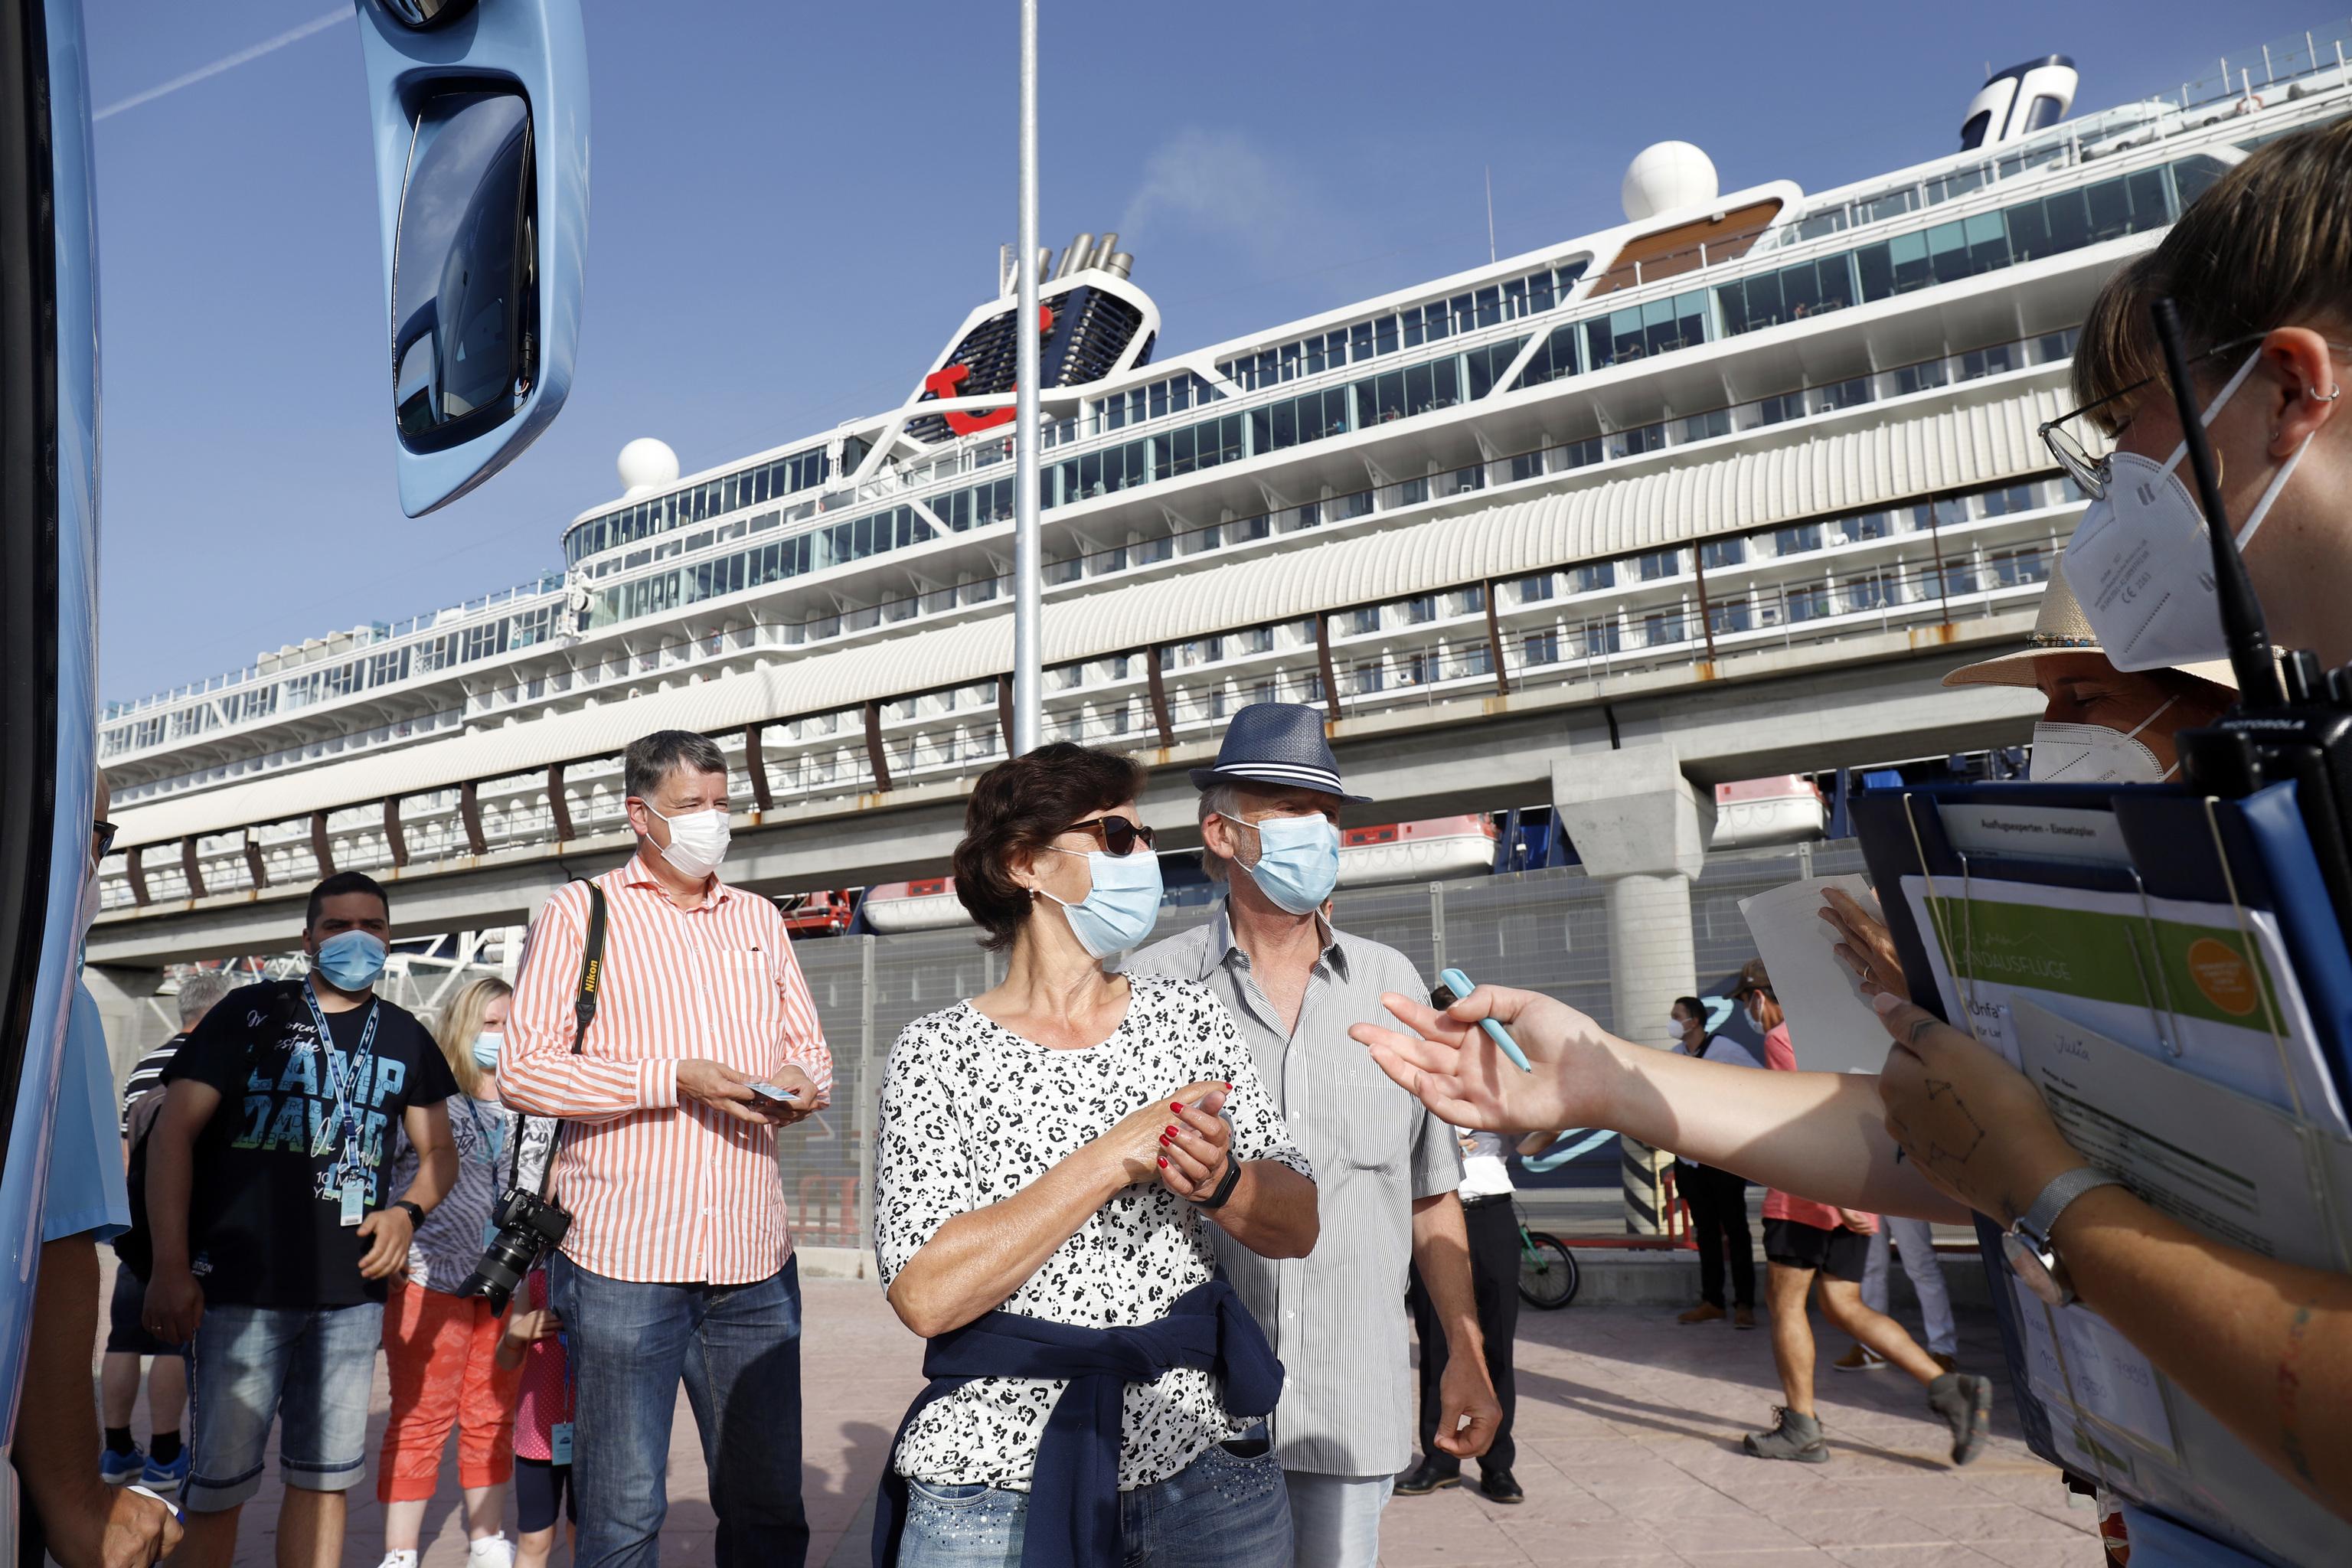 Turistas saliendo del buque crucero Mein Shiff 2, que ha llegado de la primera escala a el puerto de Málaga